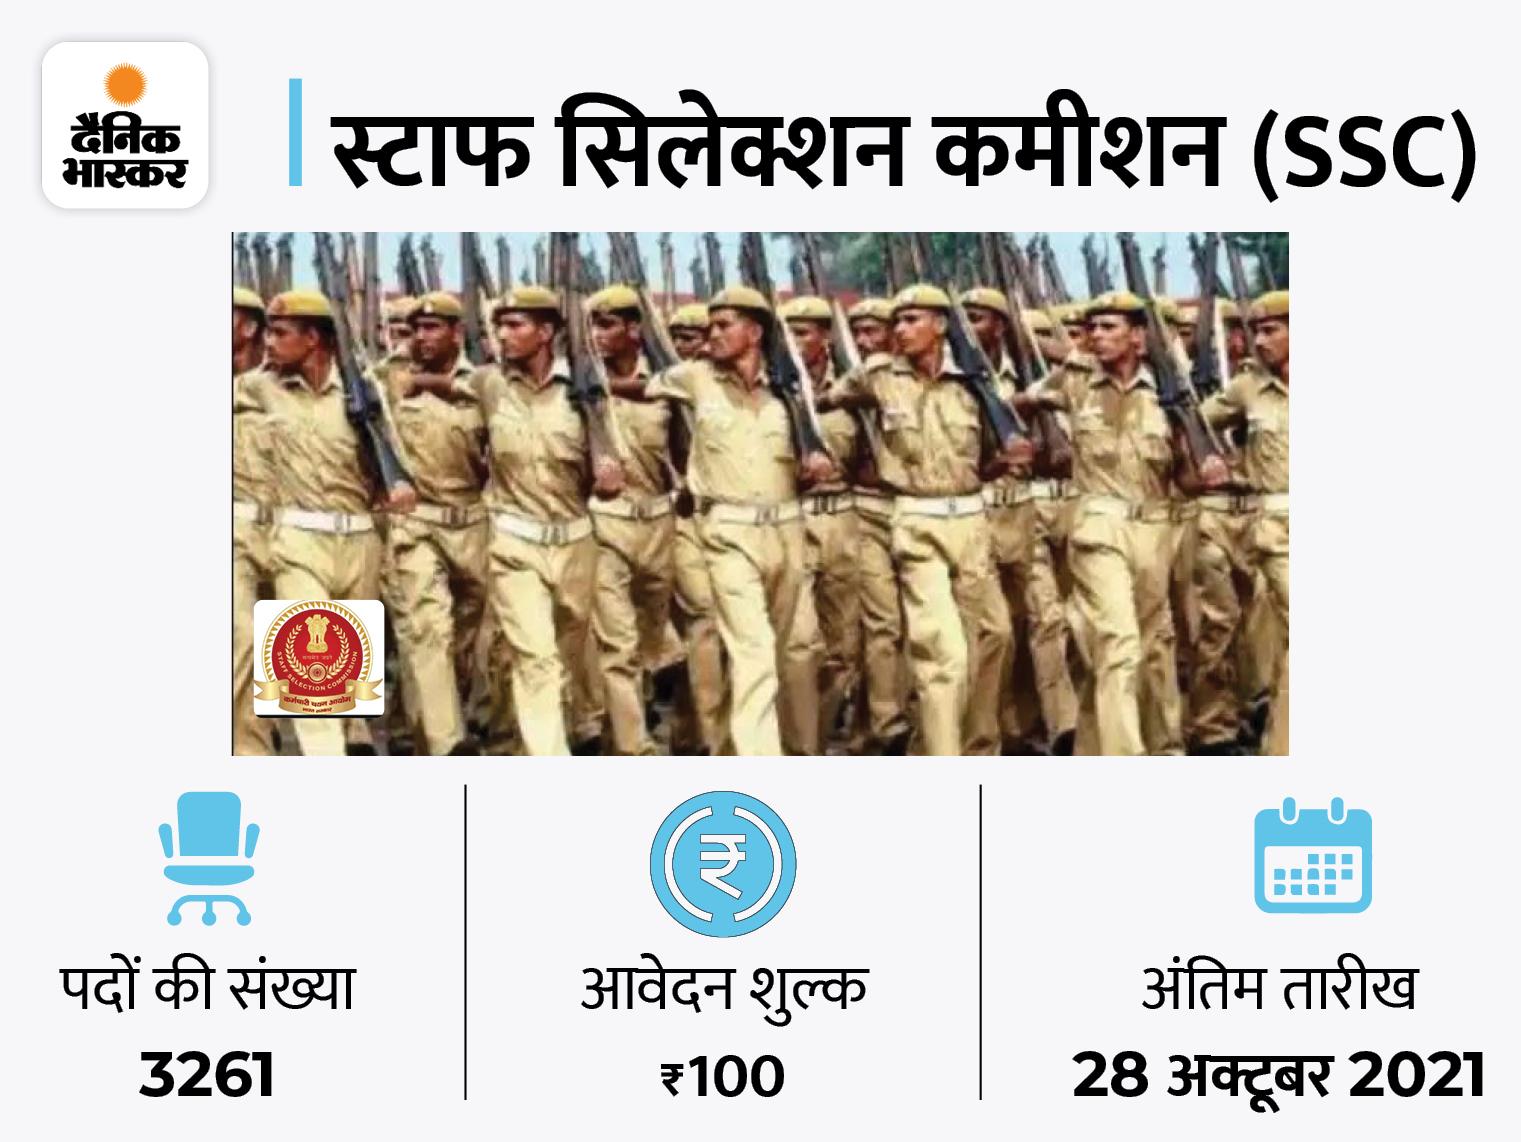 एसएससी ने 3261 पदों पर निकाली भर्ती, 10 वीं, 12 वीं और ग्रेजुएट कैंडिडेट्स 28 अक्टूबर तक कर सकते हैं अप्लाई|करिअर,Career - Dainik Bhaskar